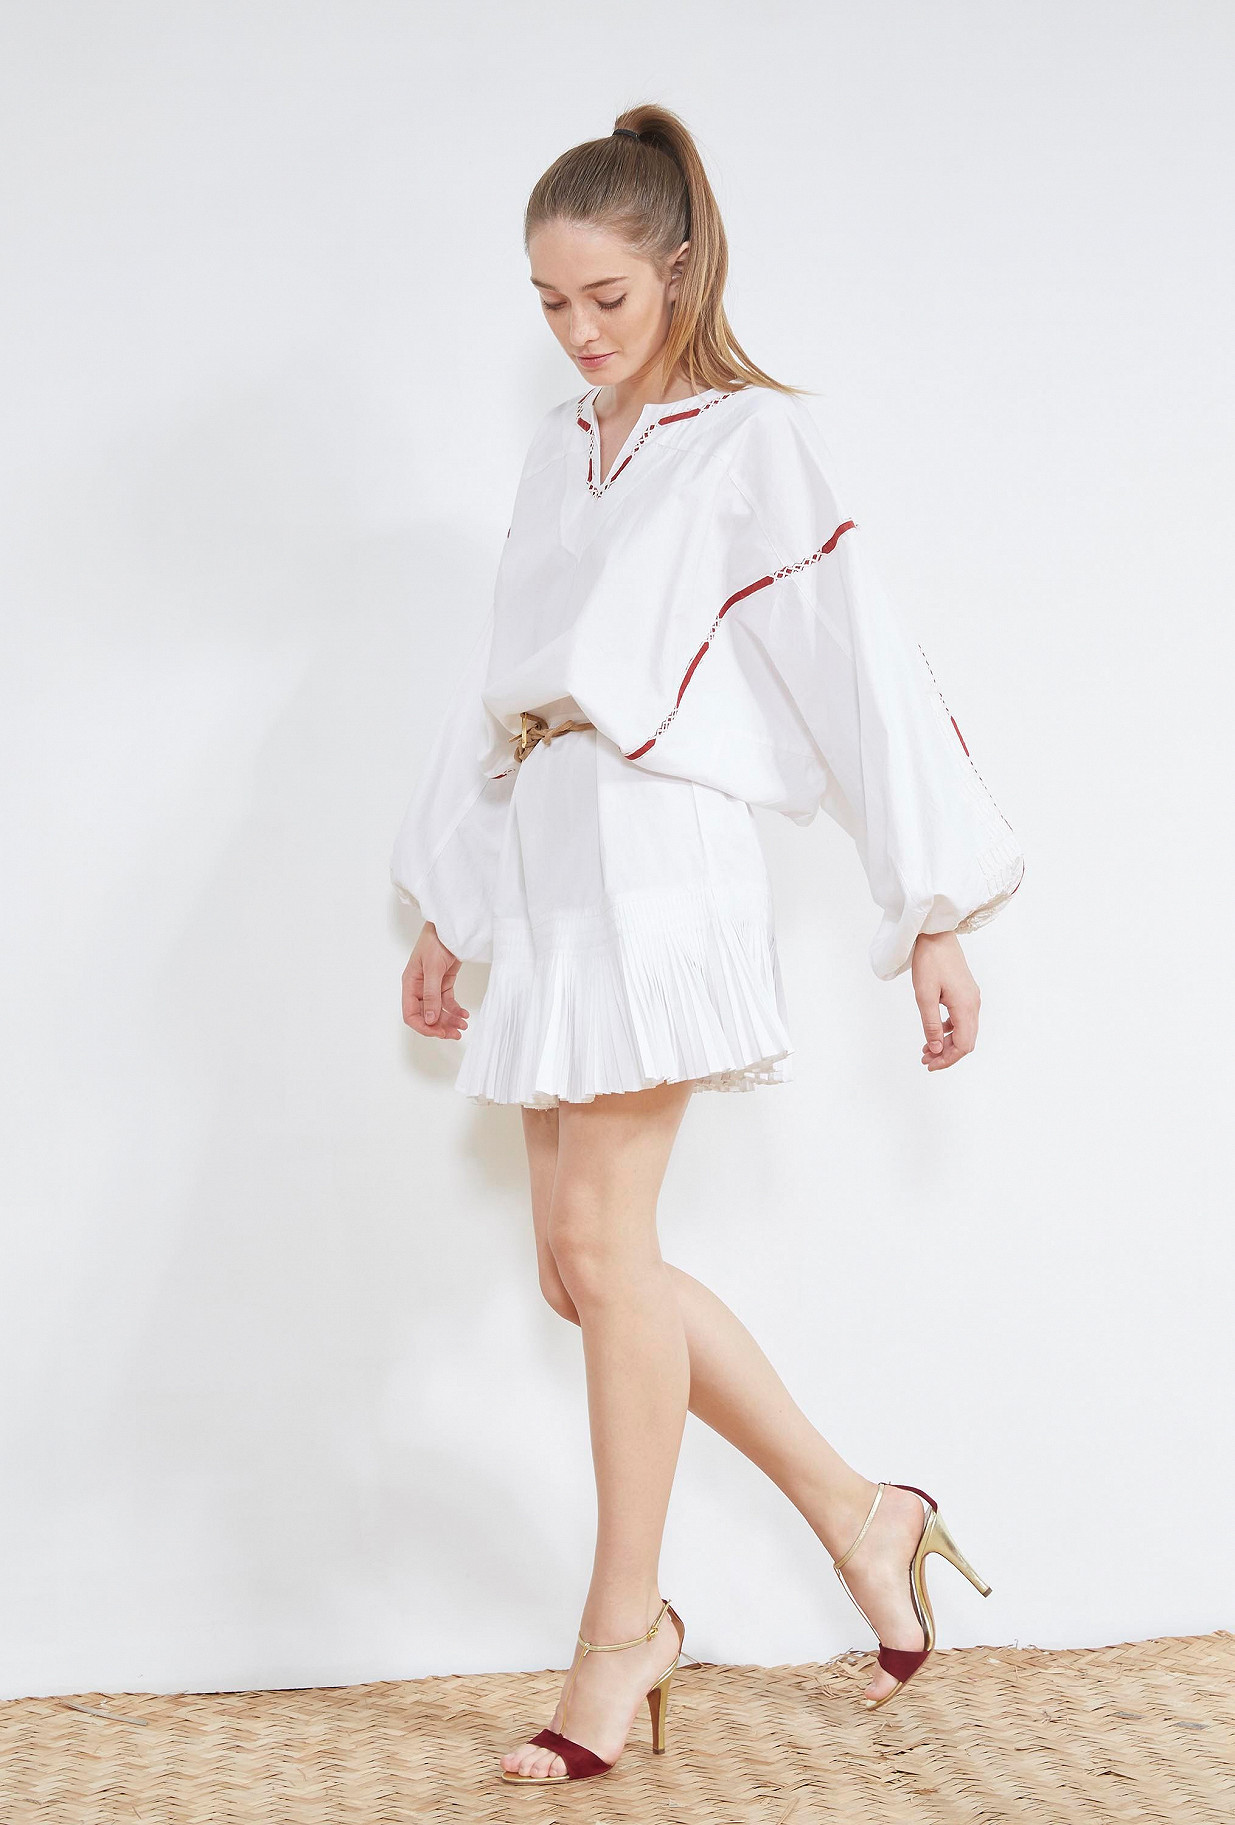 ROBE Blanc  Kahina mes demoiselles paris vêtement femme paris